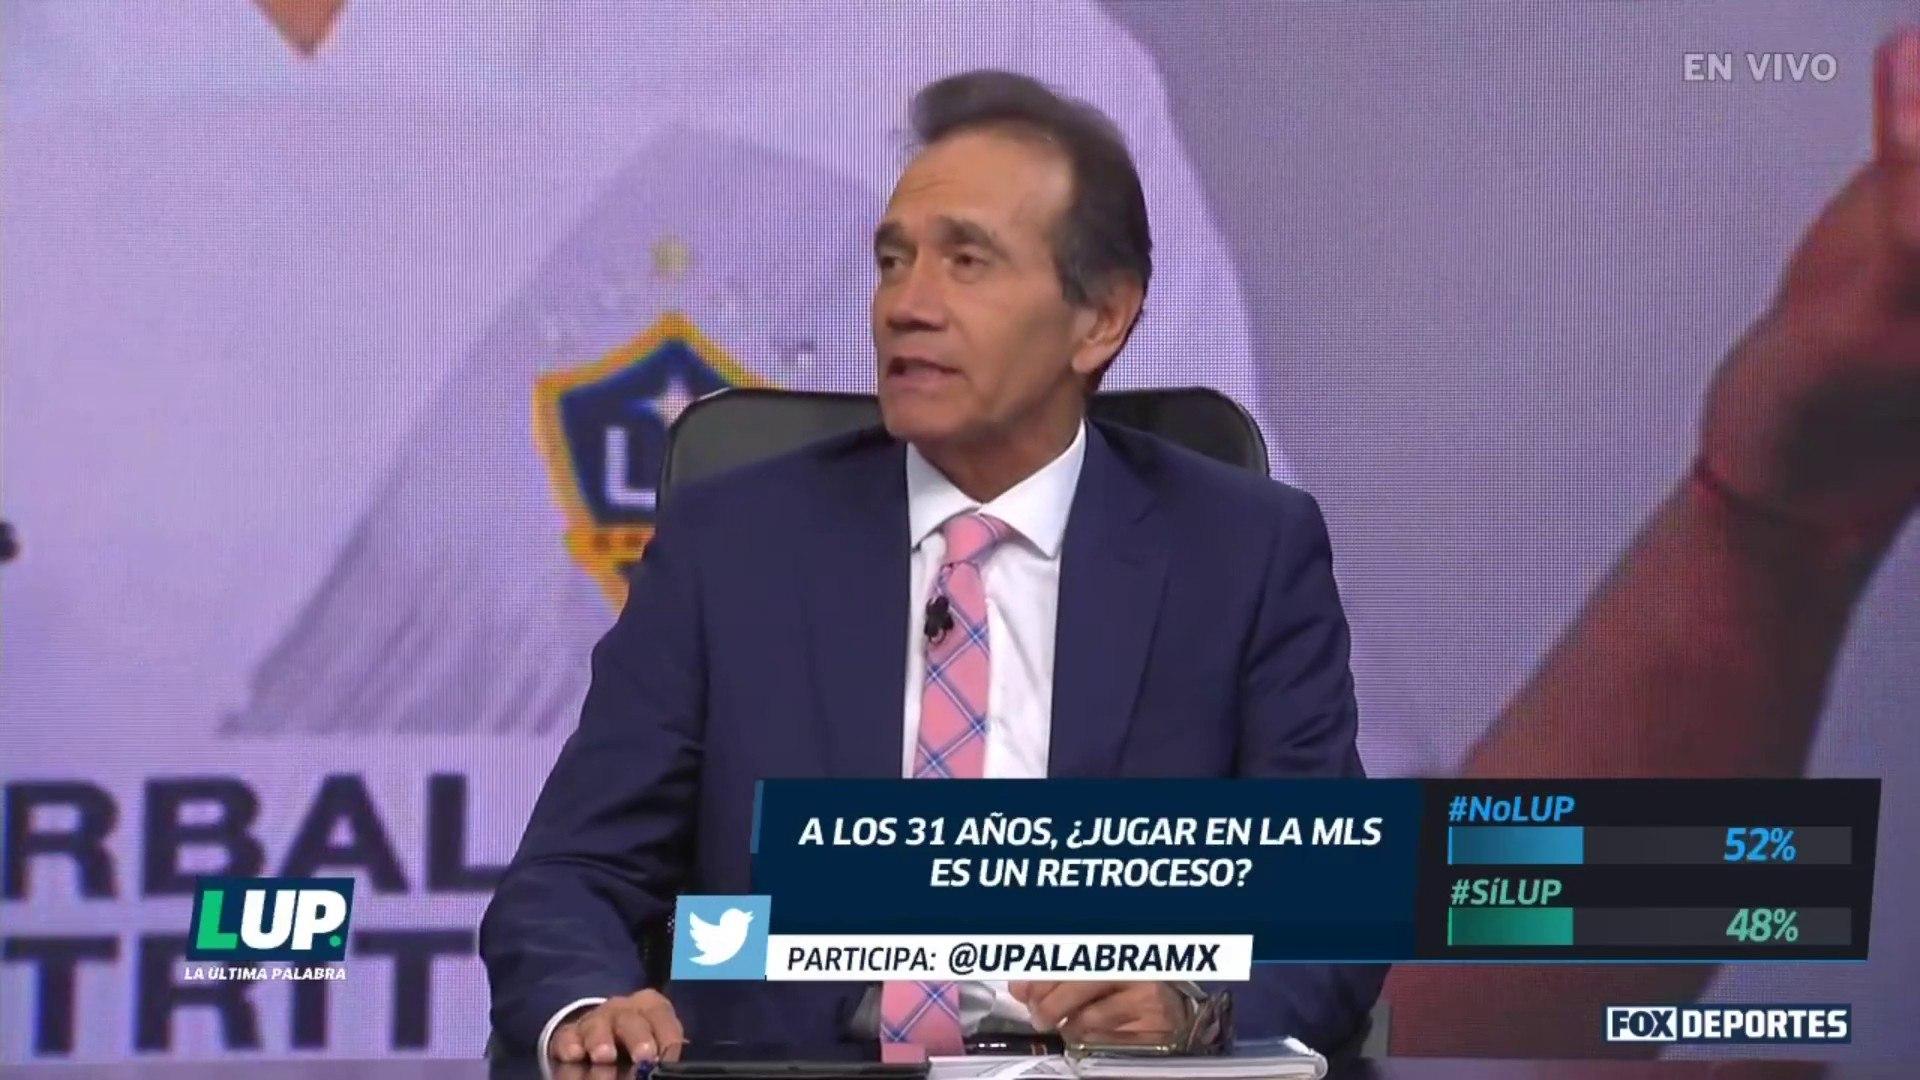 LUP: ¿La MLS es una liga complicada?